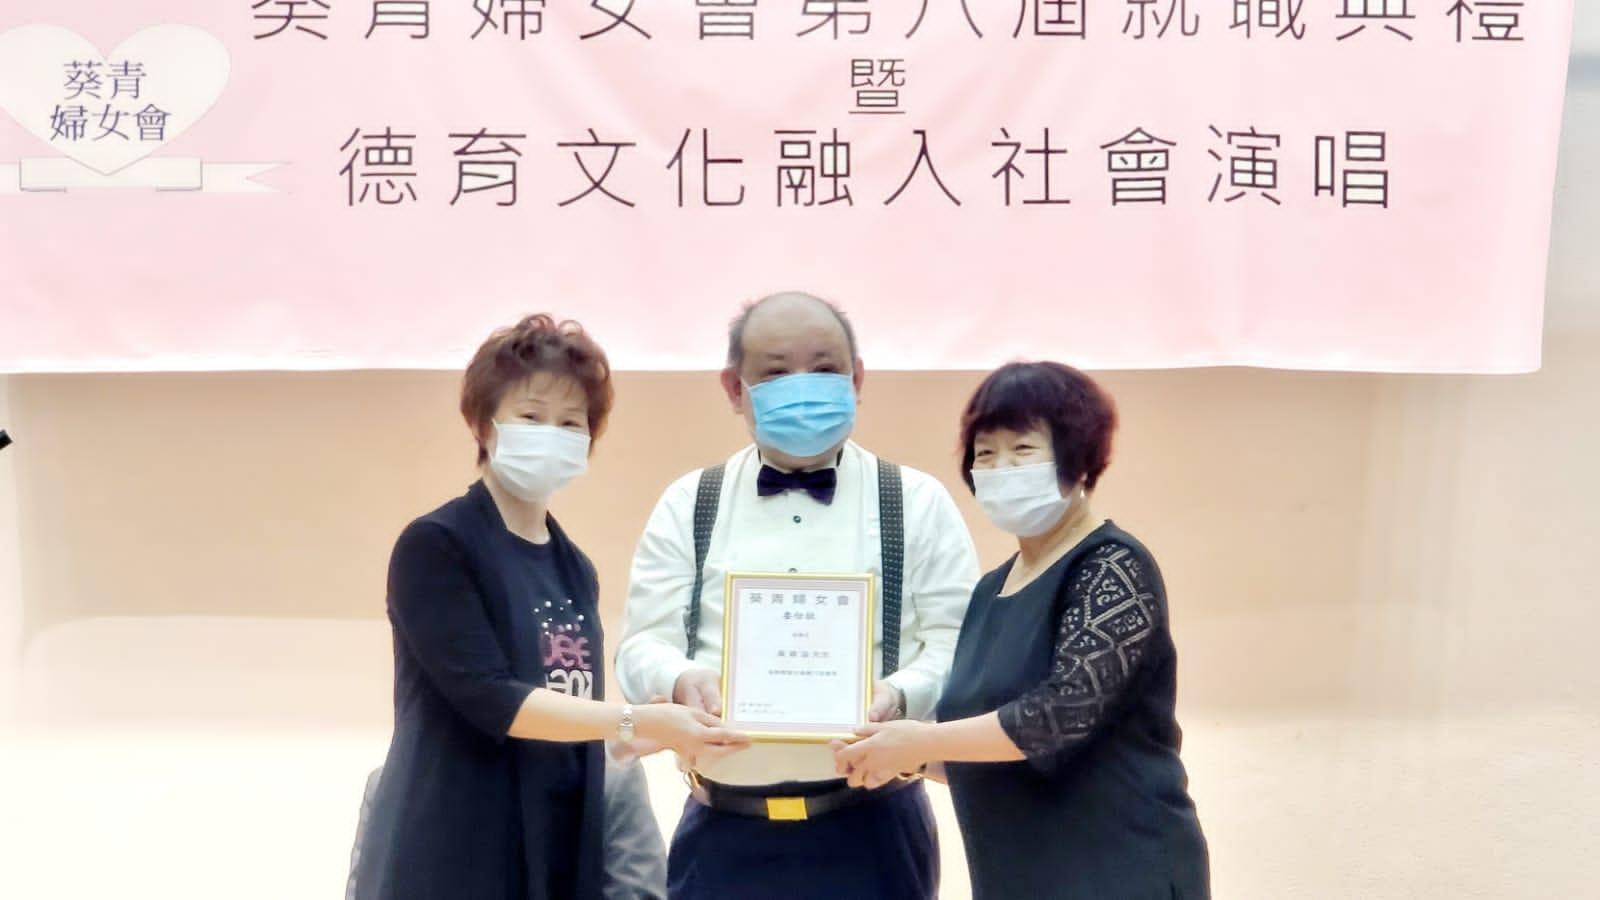 葵青妇女会第八届就职典礼暨德育文化融入社会演唱活动圆满成功